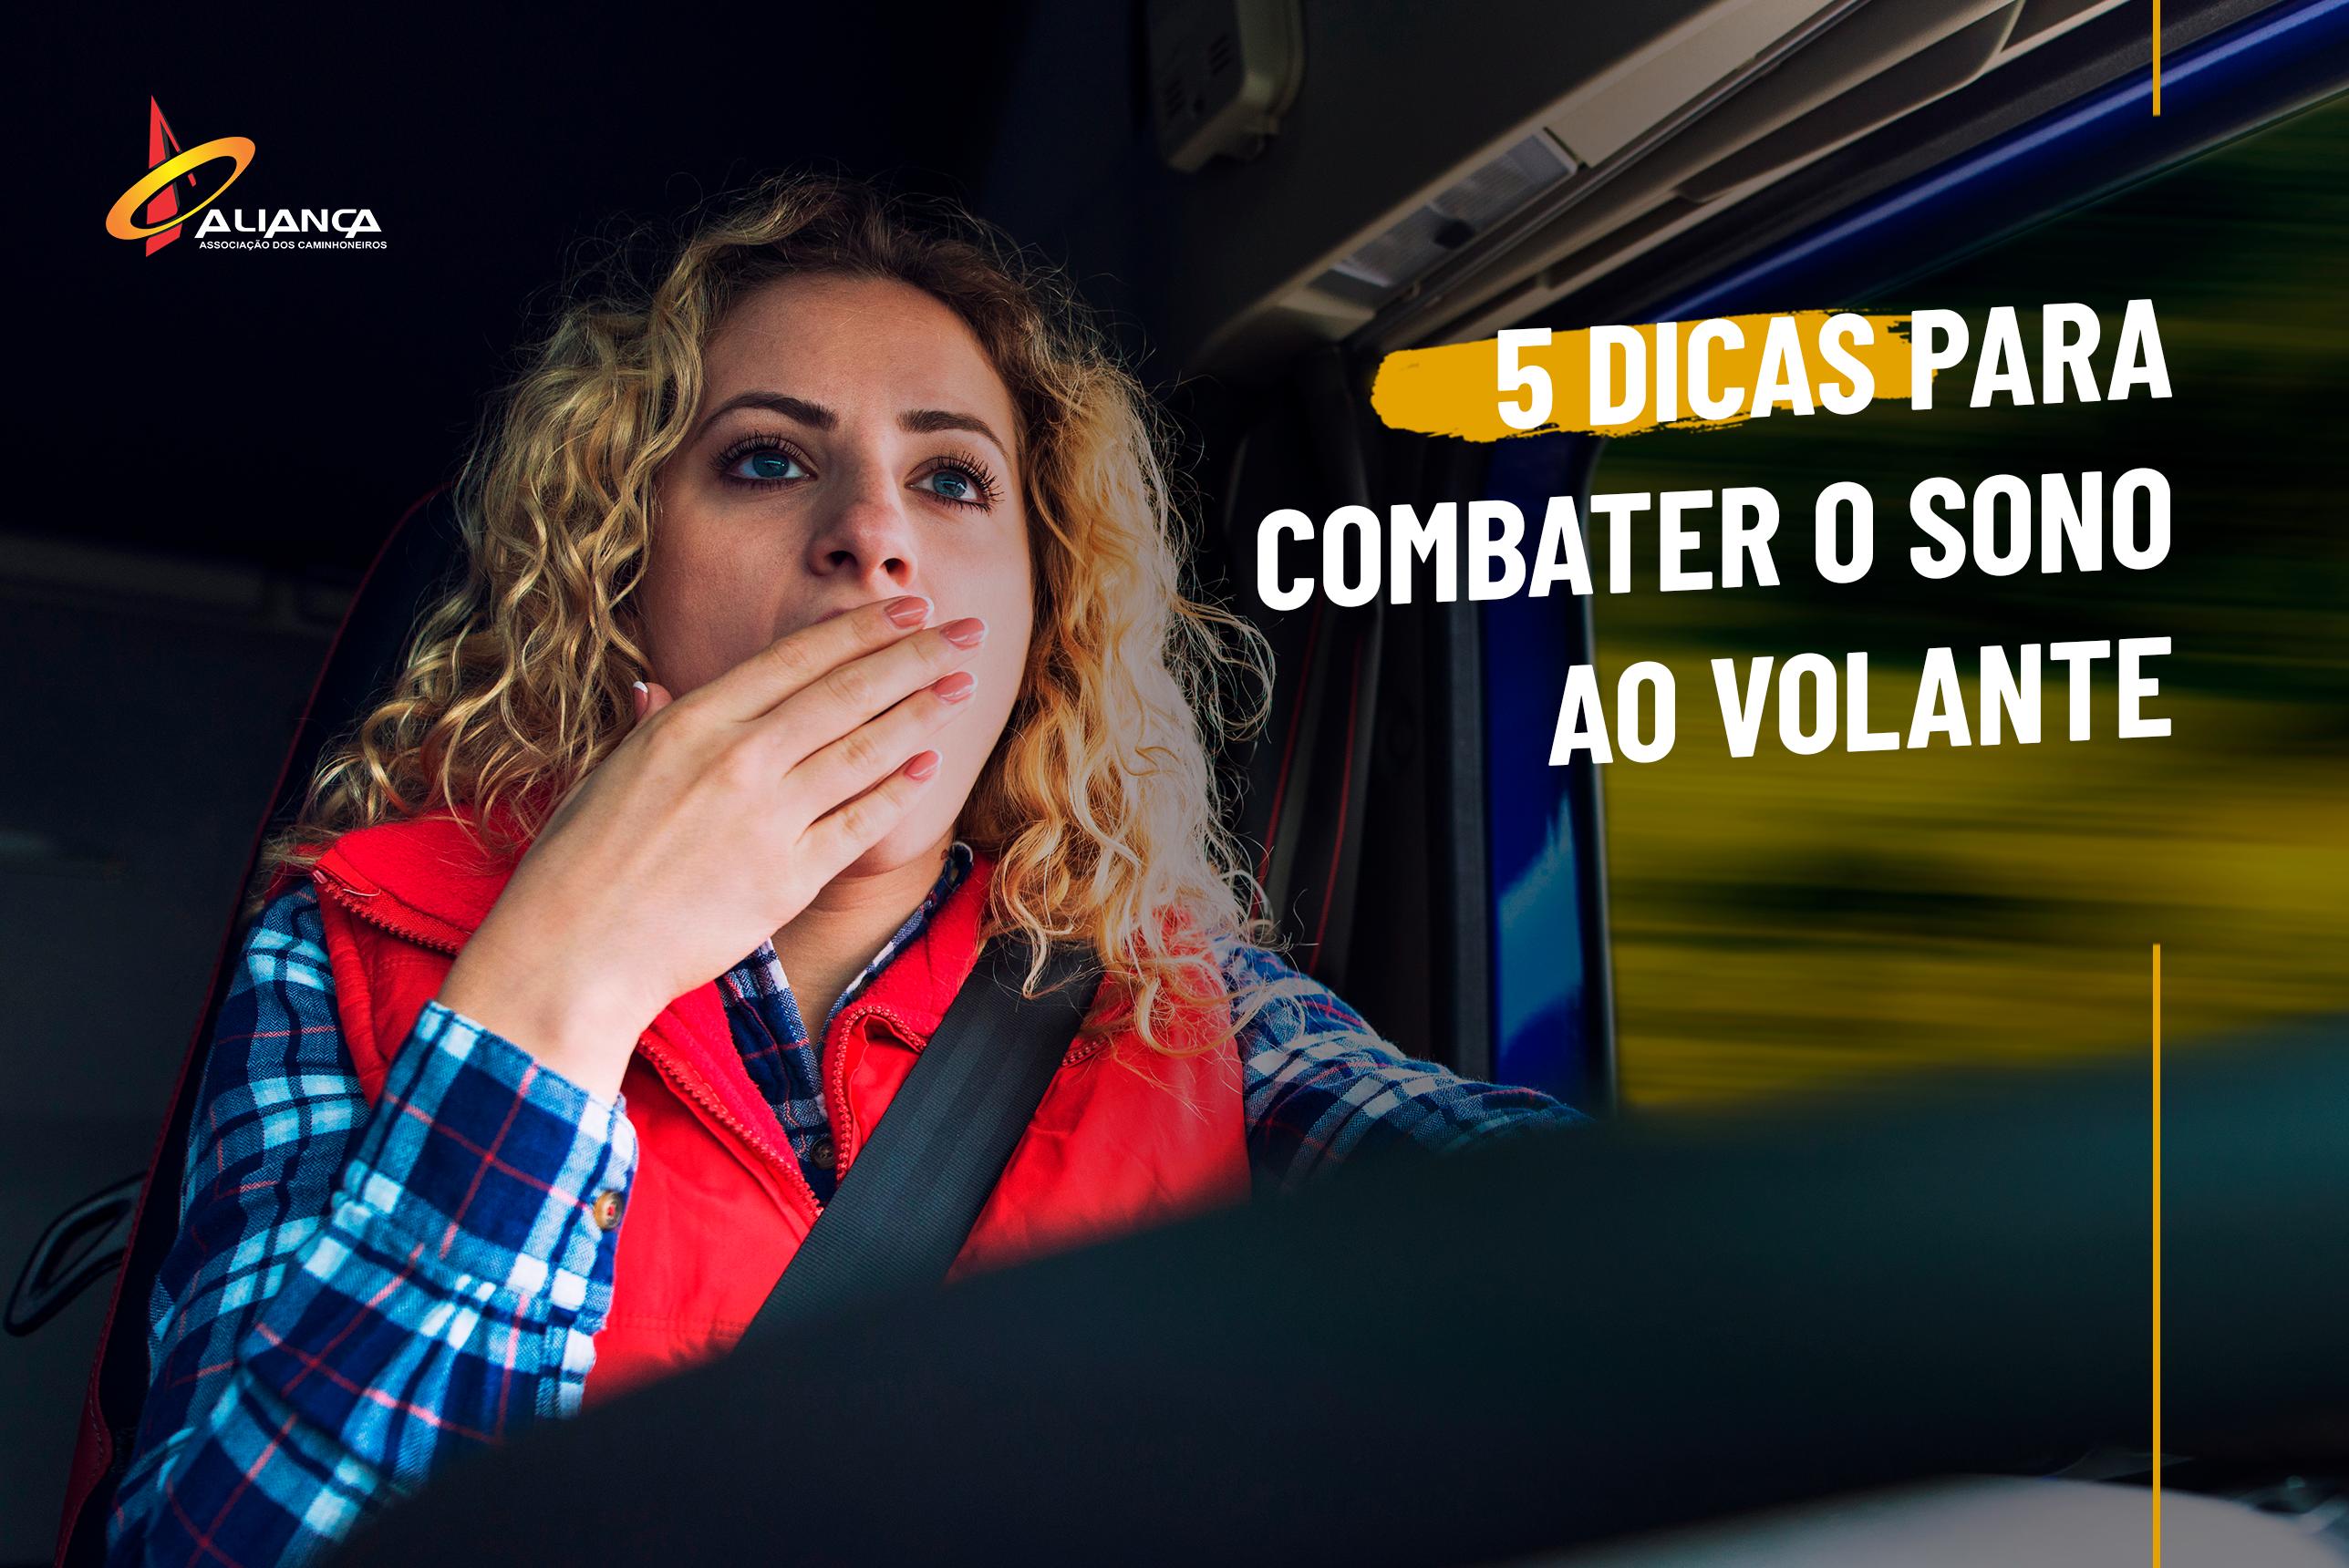 5 dicas para combater o sono ao volante